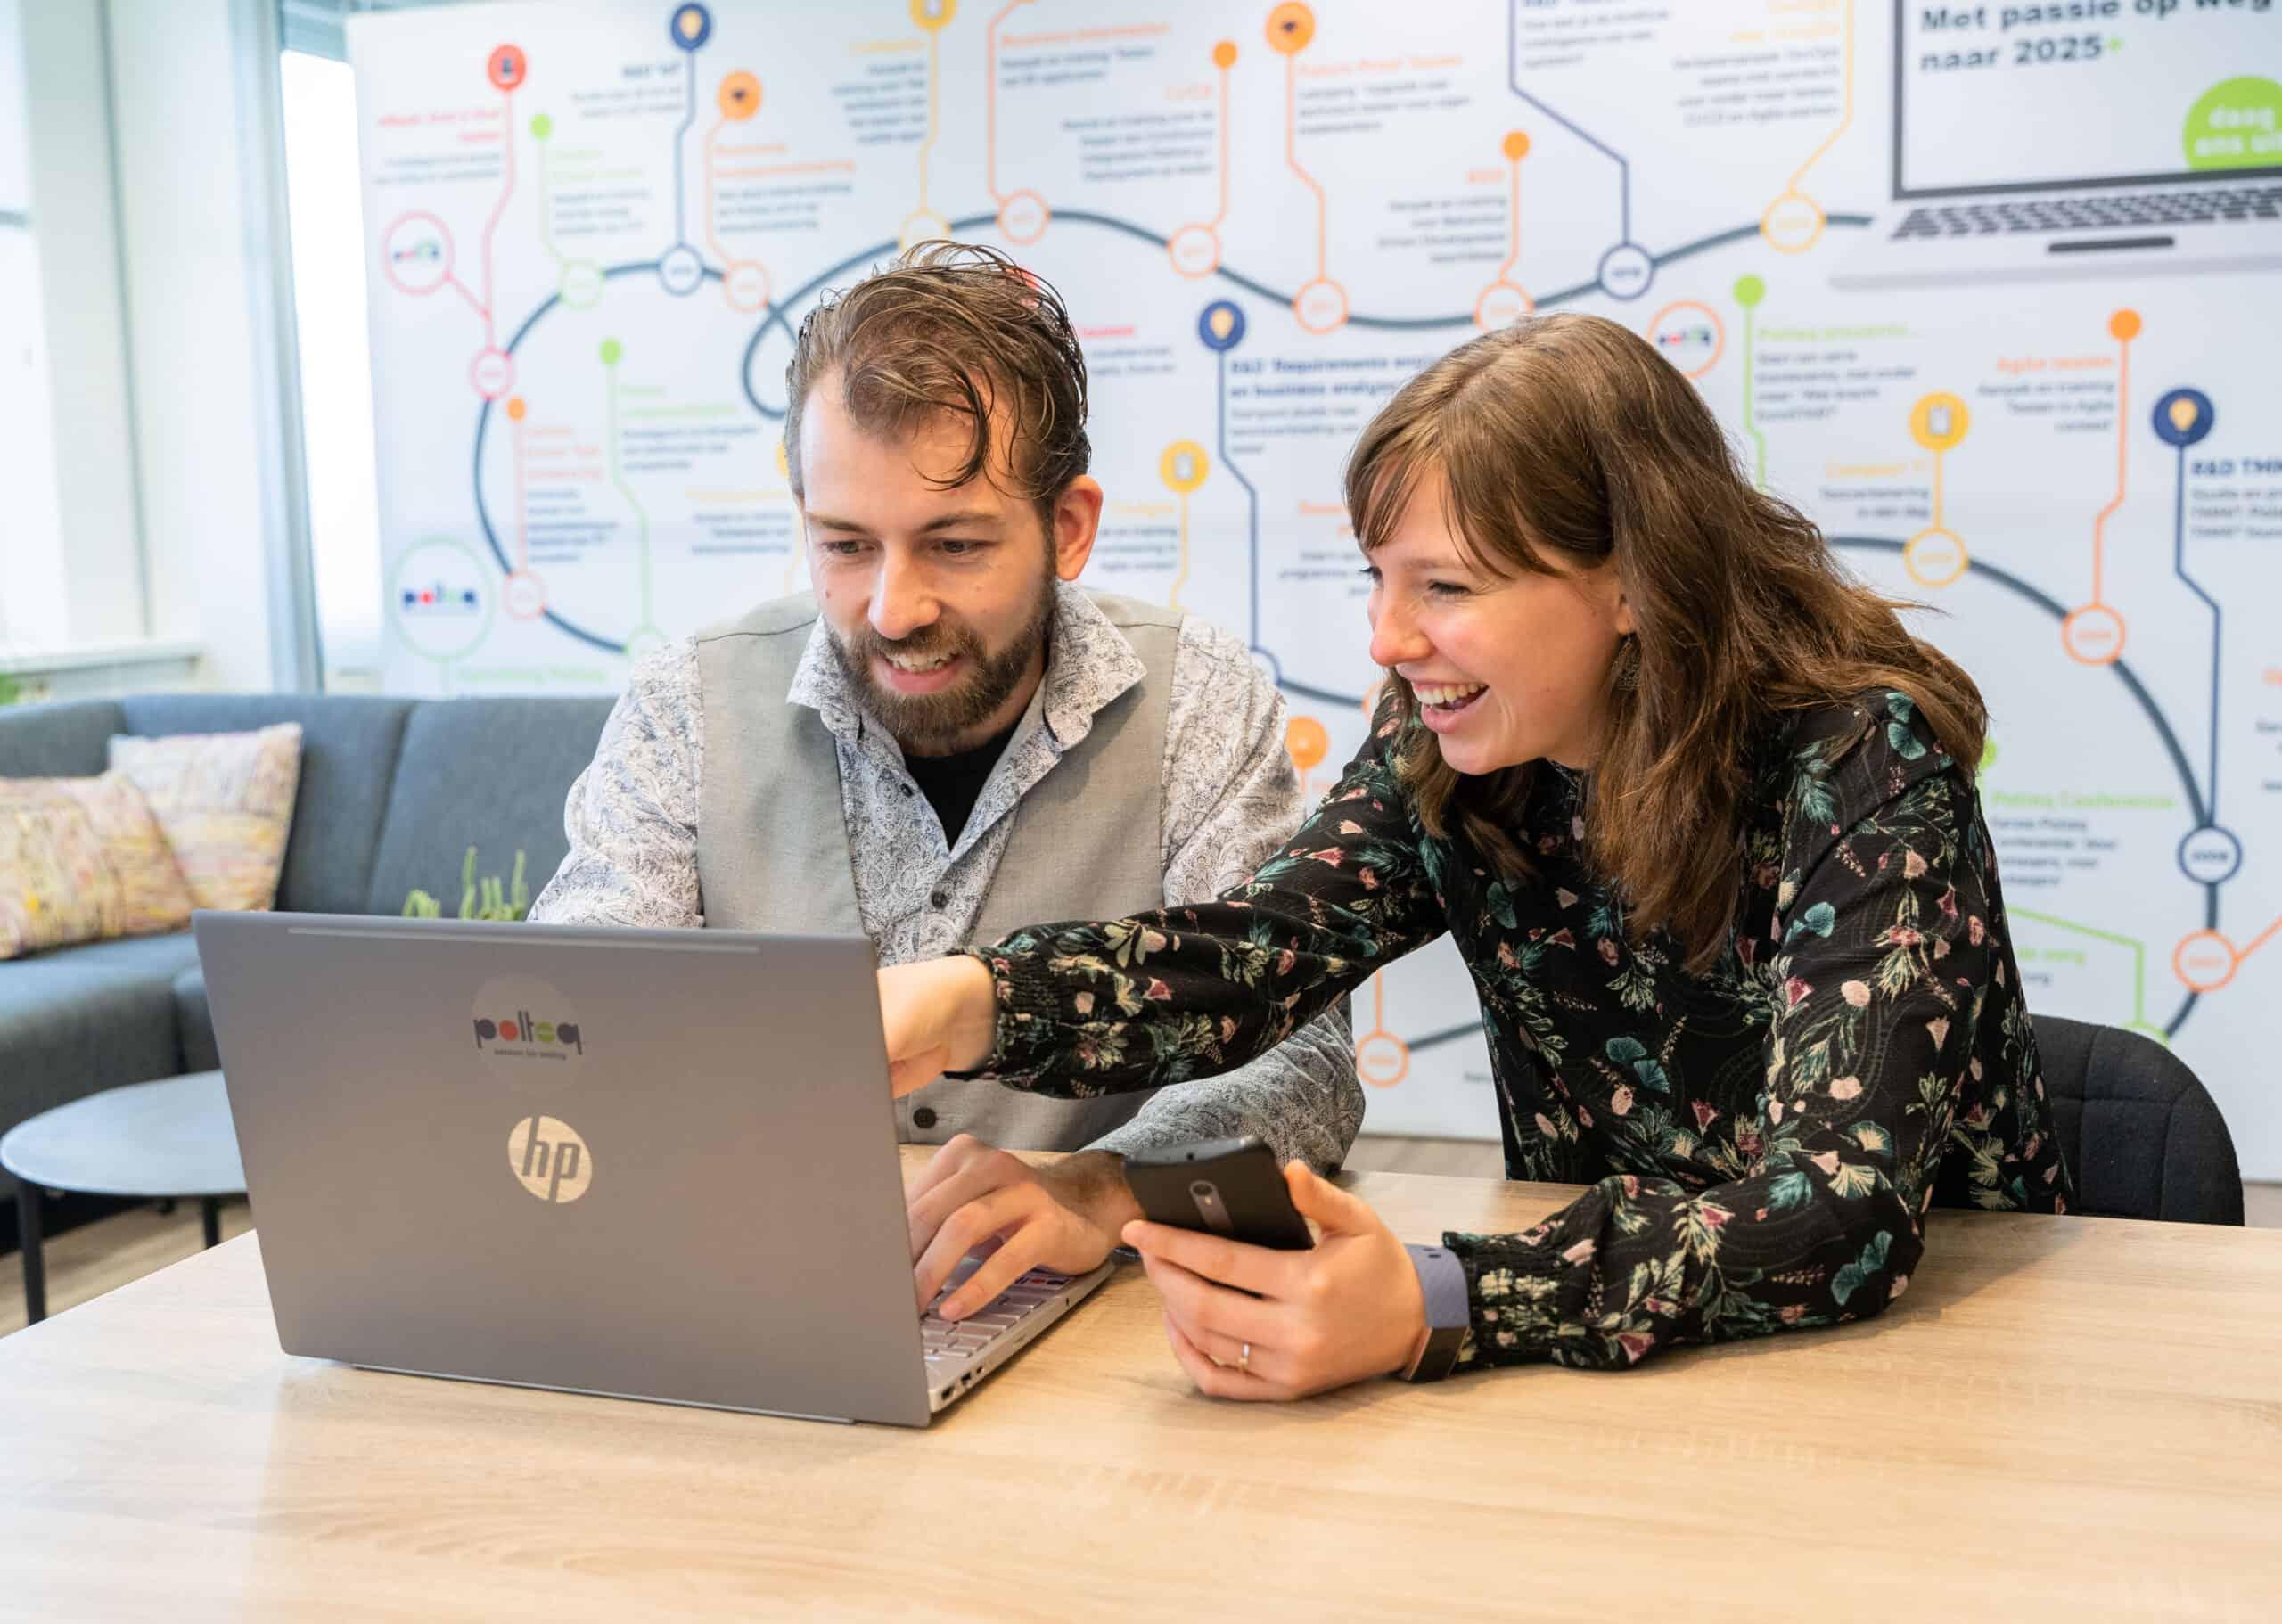 """Peter van der Woude tijdens het traineeship Software Tester van Polteq. """"Polteq heeft mijn verwachtingen meer dan waargemaakt."""""""